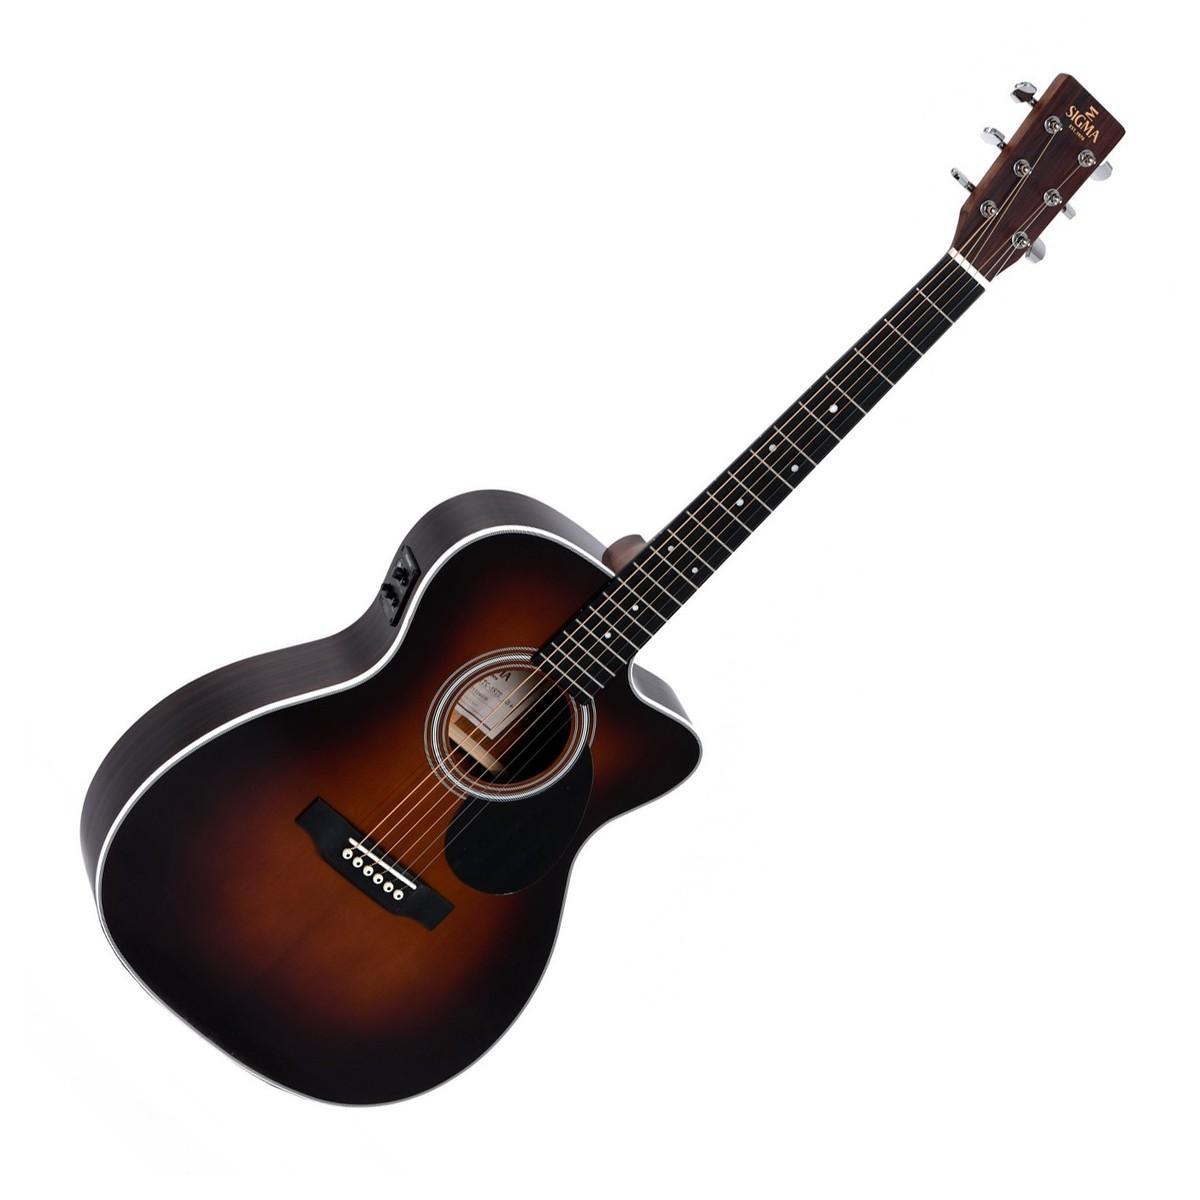 OMTC-1STE+ Electro Acoustic Guitar Sunburst: Acoustic Guitar